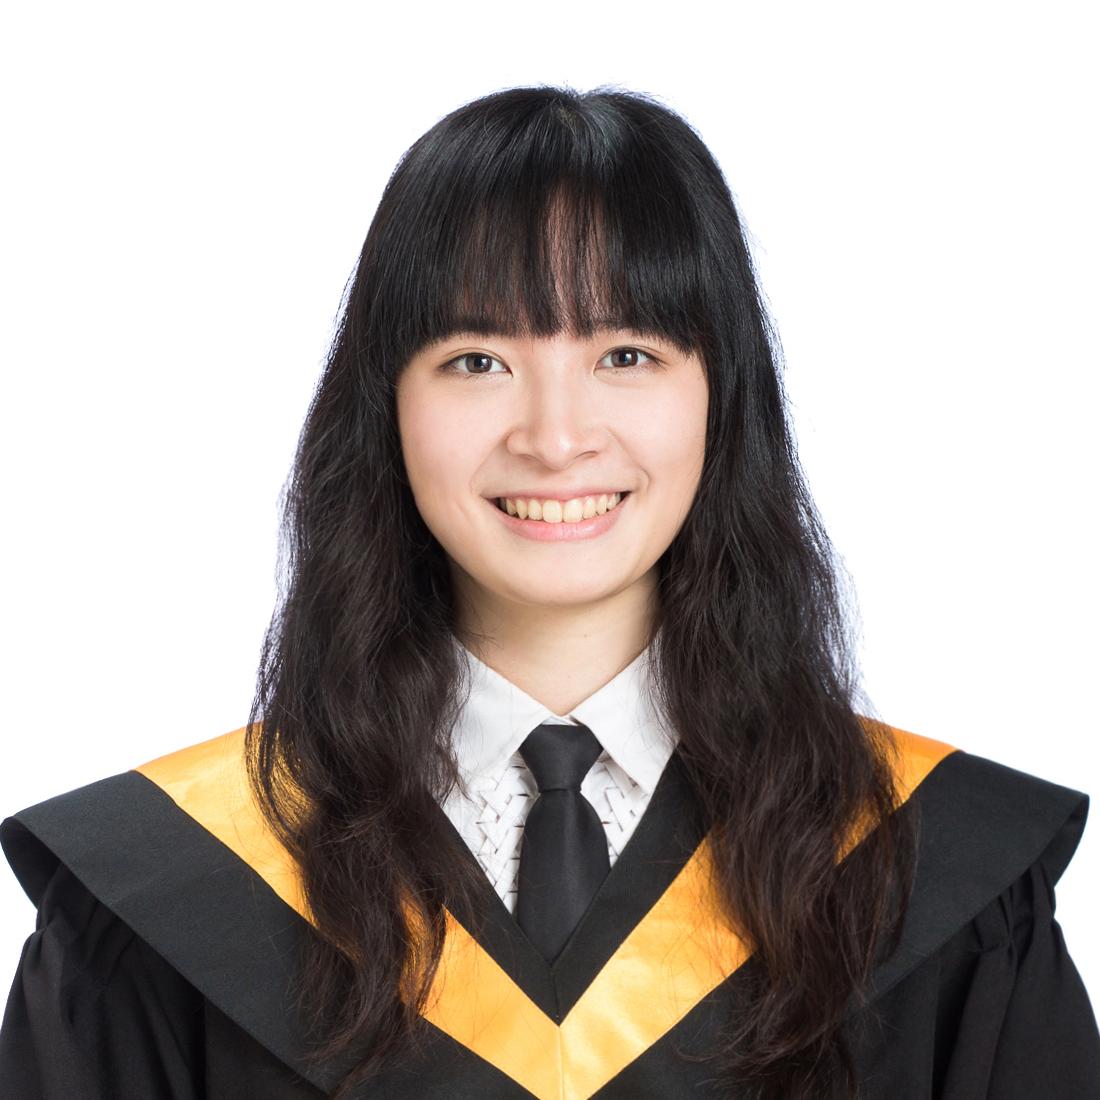 Shang-Ling Hsu (Kate)